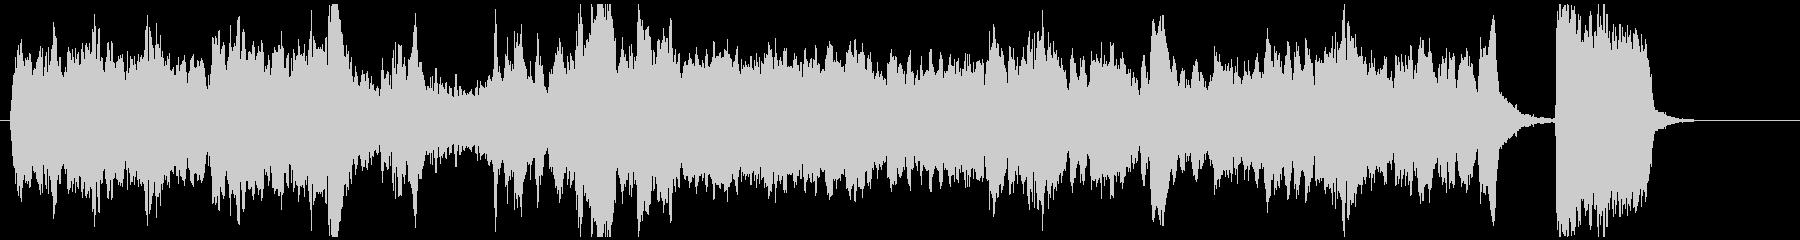 ヴァイオリン・チェロ2重奏の未再生の波形